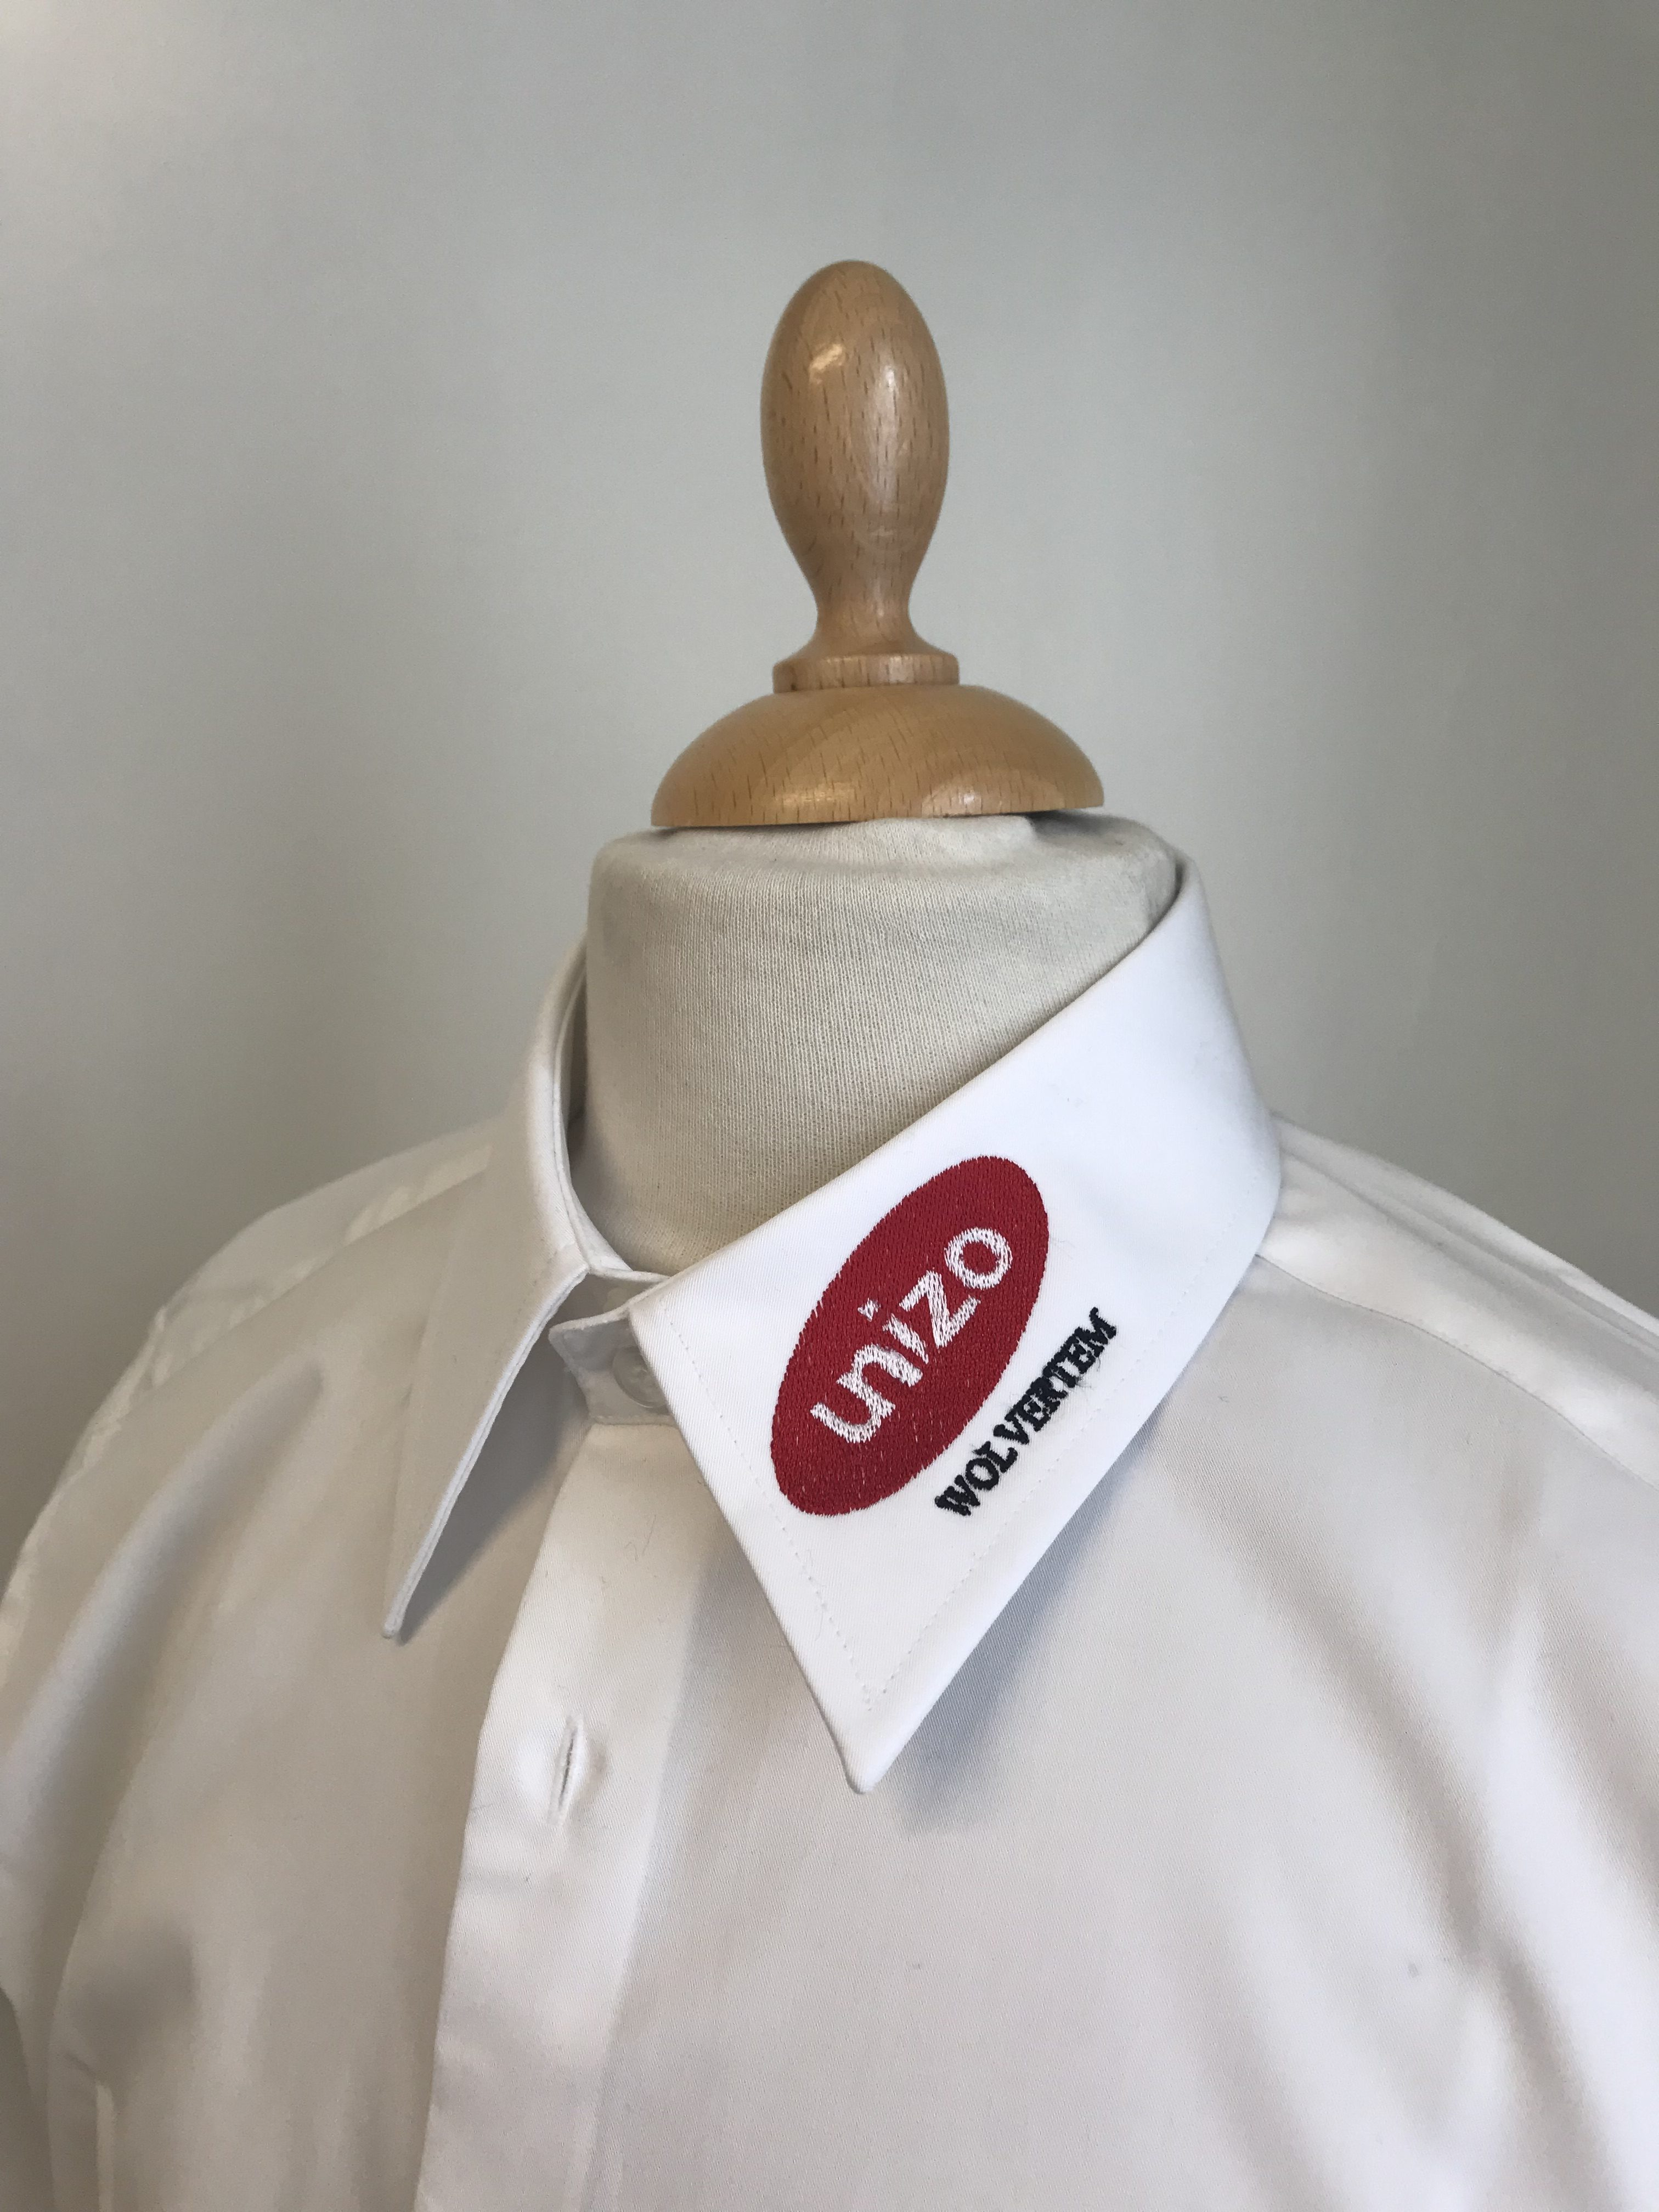 Unizo Wolvertem borduren op kleding